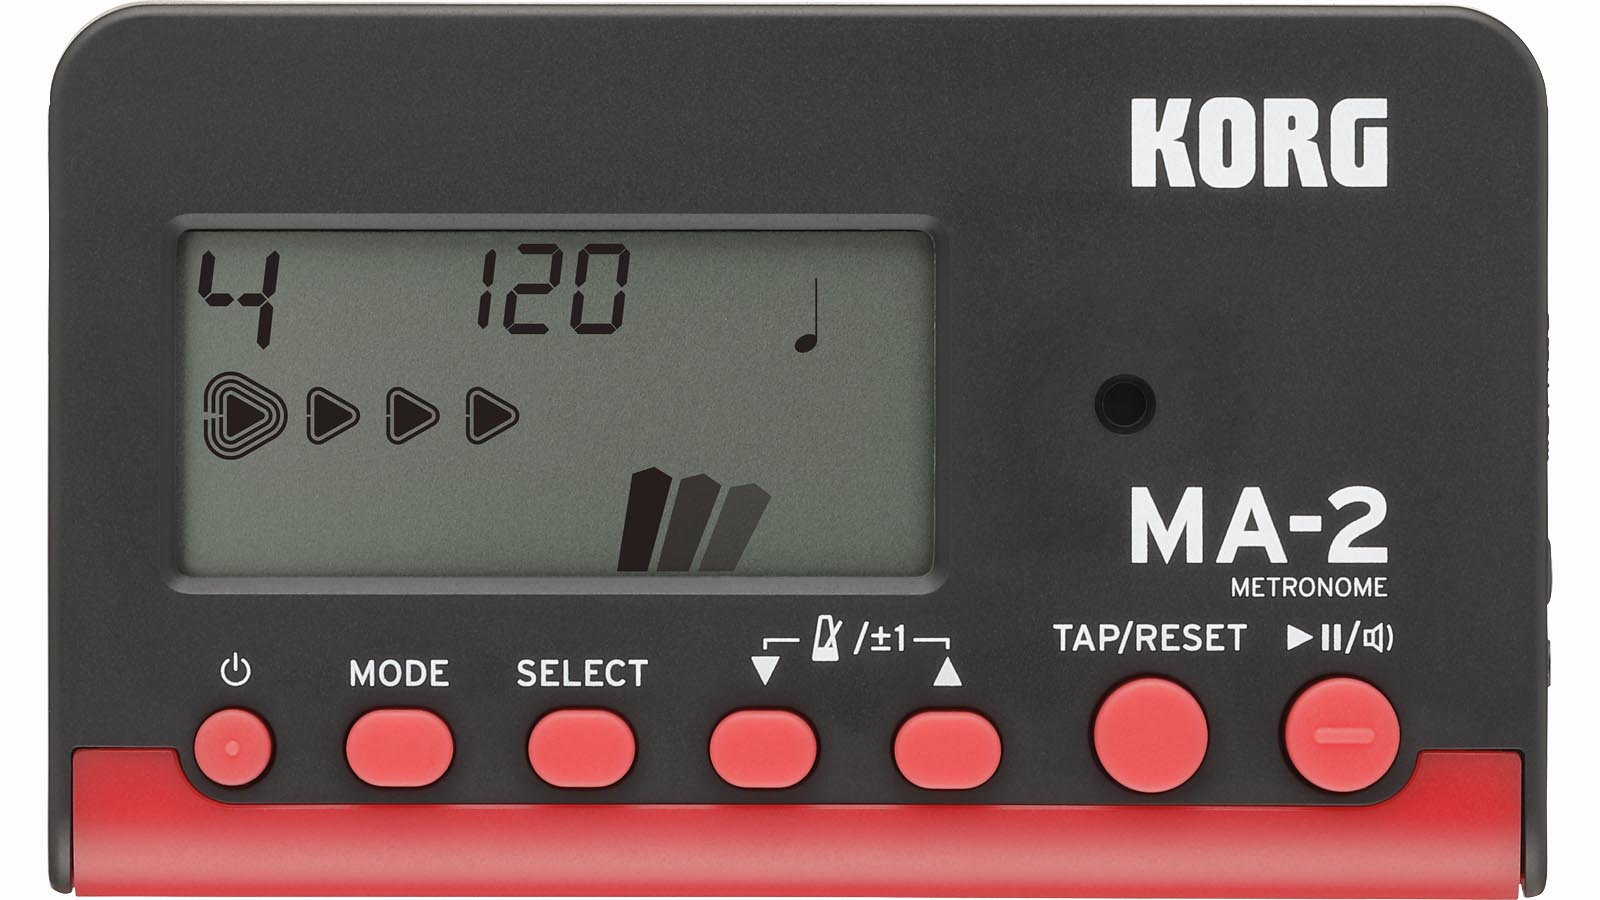 Korg Metronom MA-2 digital schwarz/rot